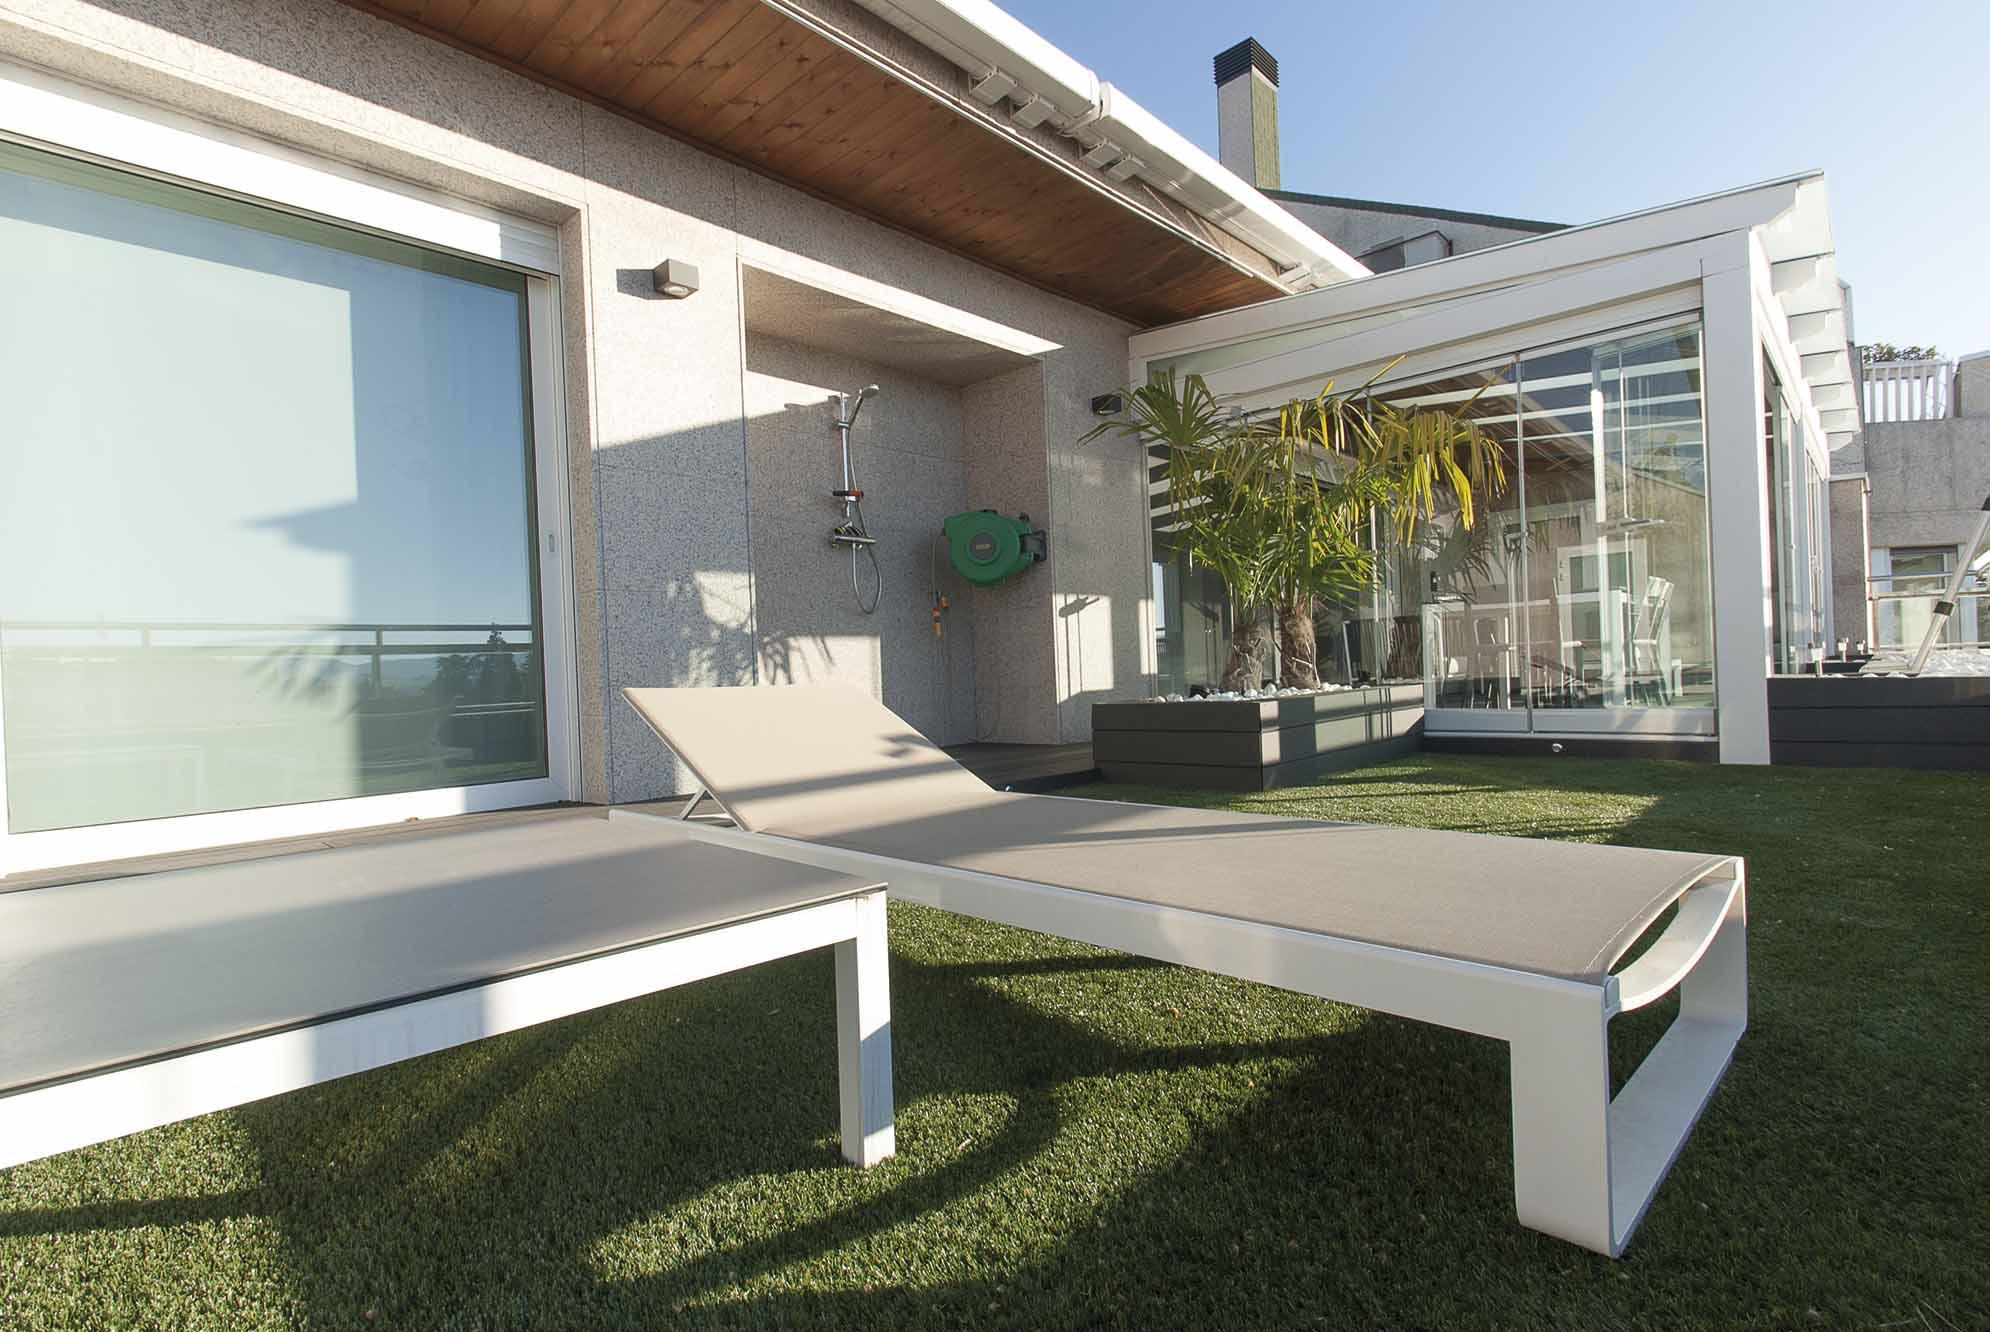 Césped artificial en terraza y porche de madera y cristal